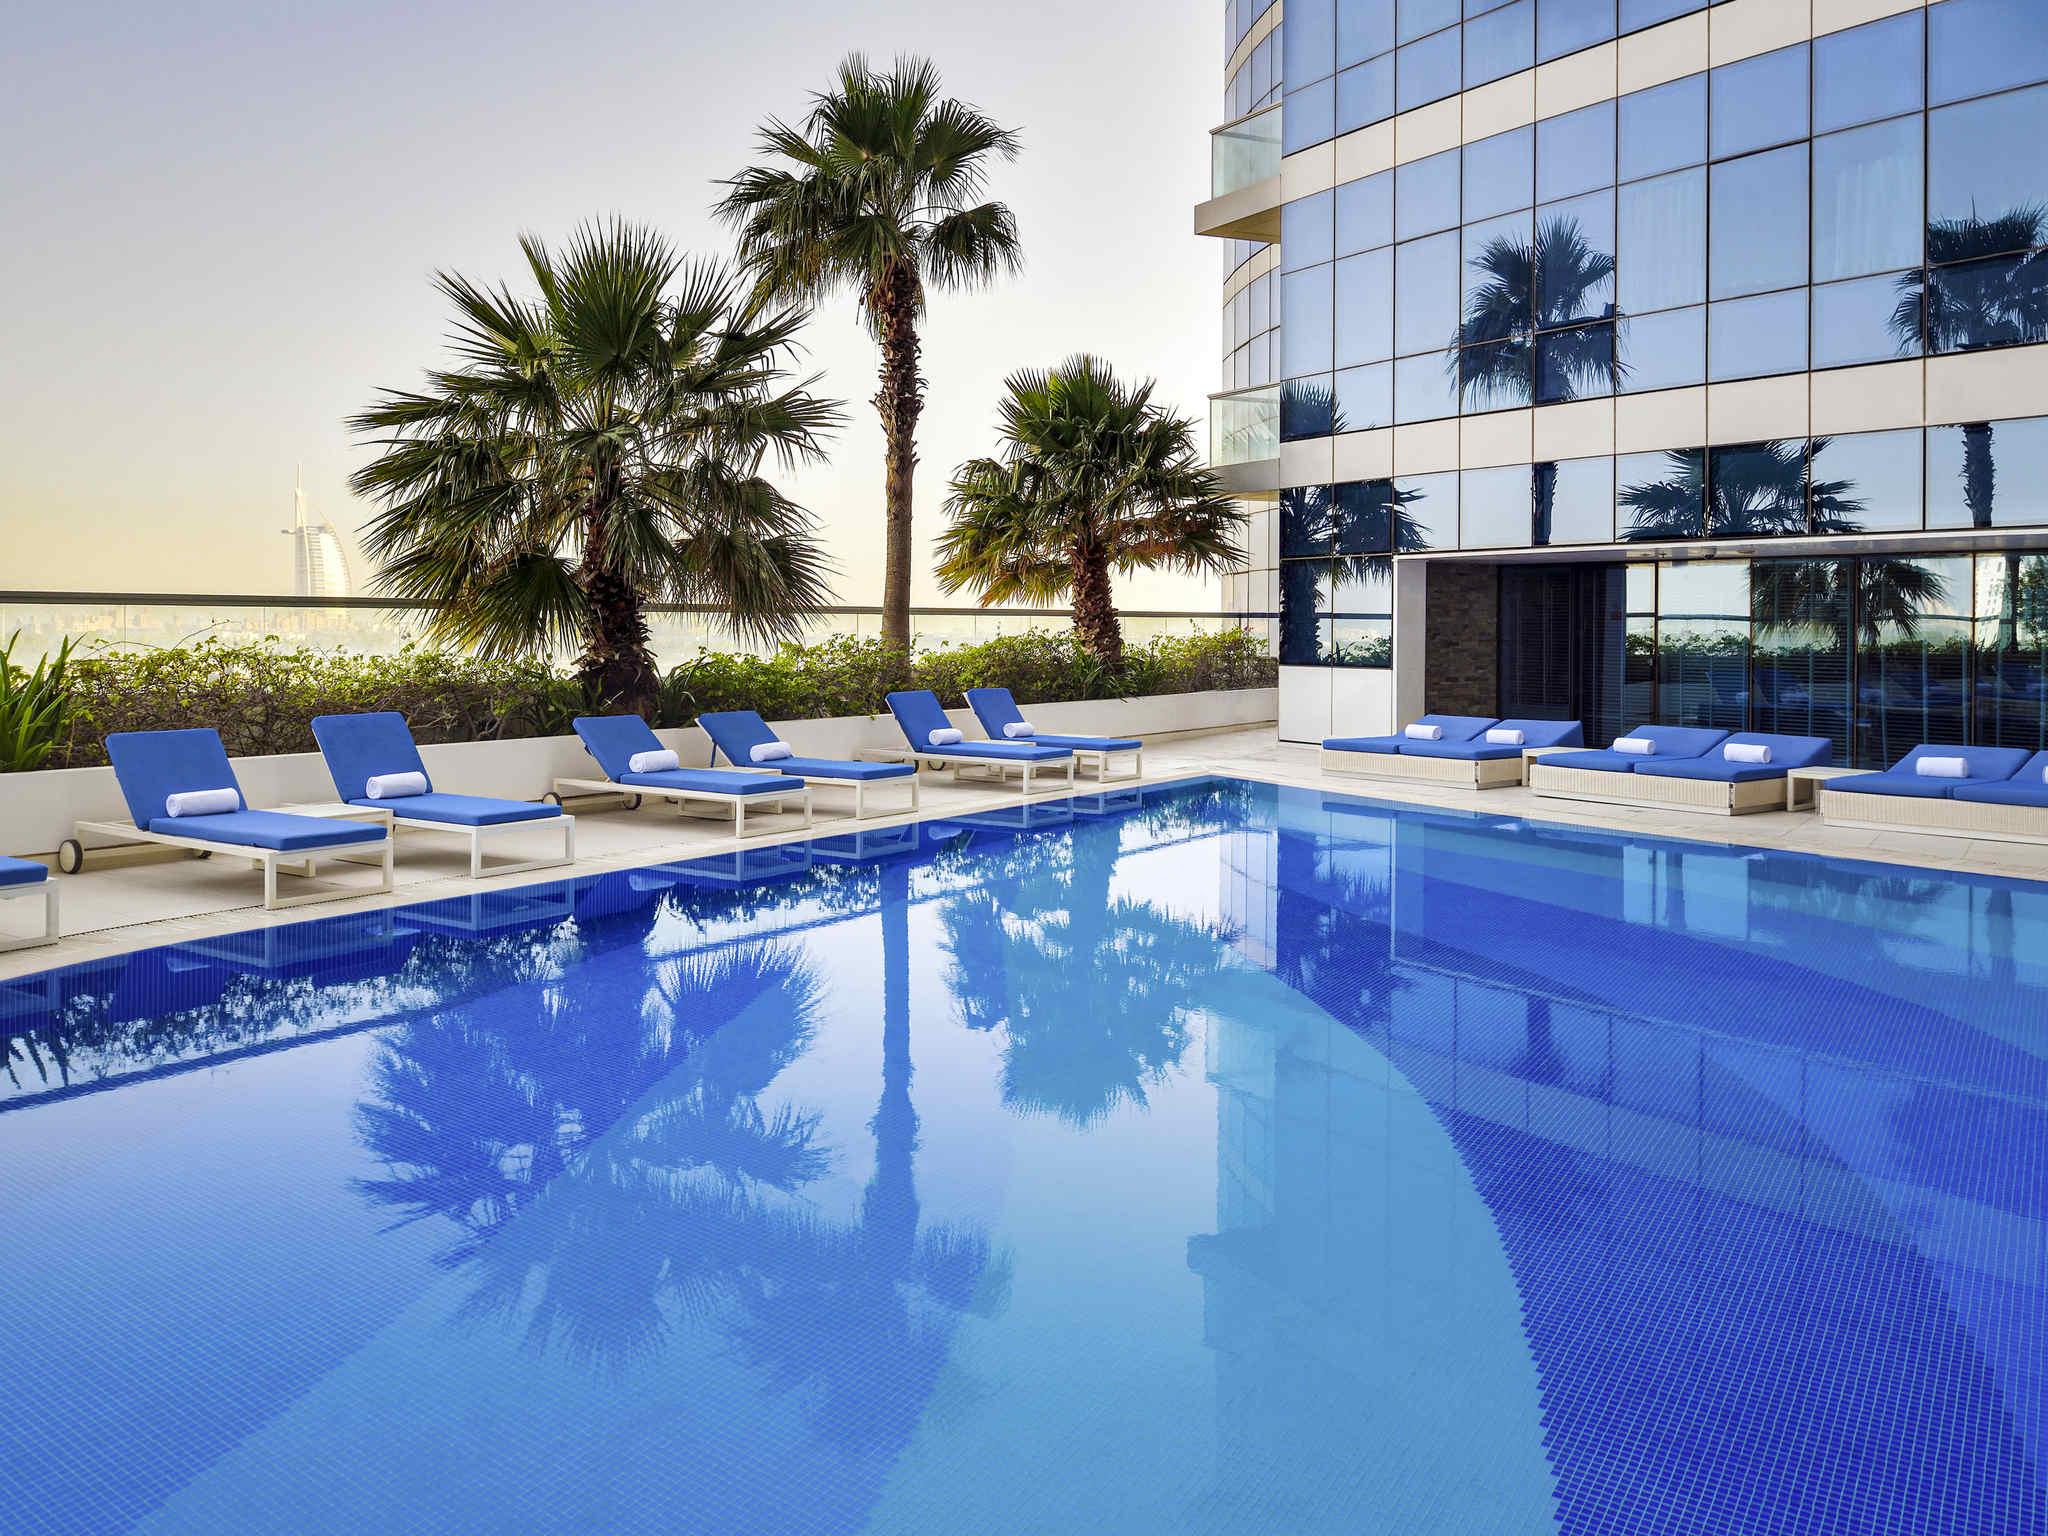 Hotel en DUBAI - Novotel Dubai Al Barsha